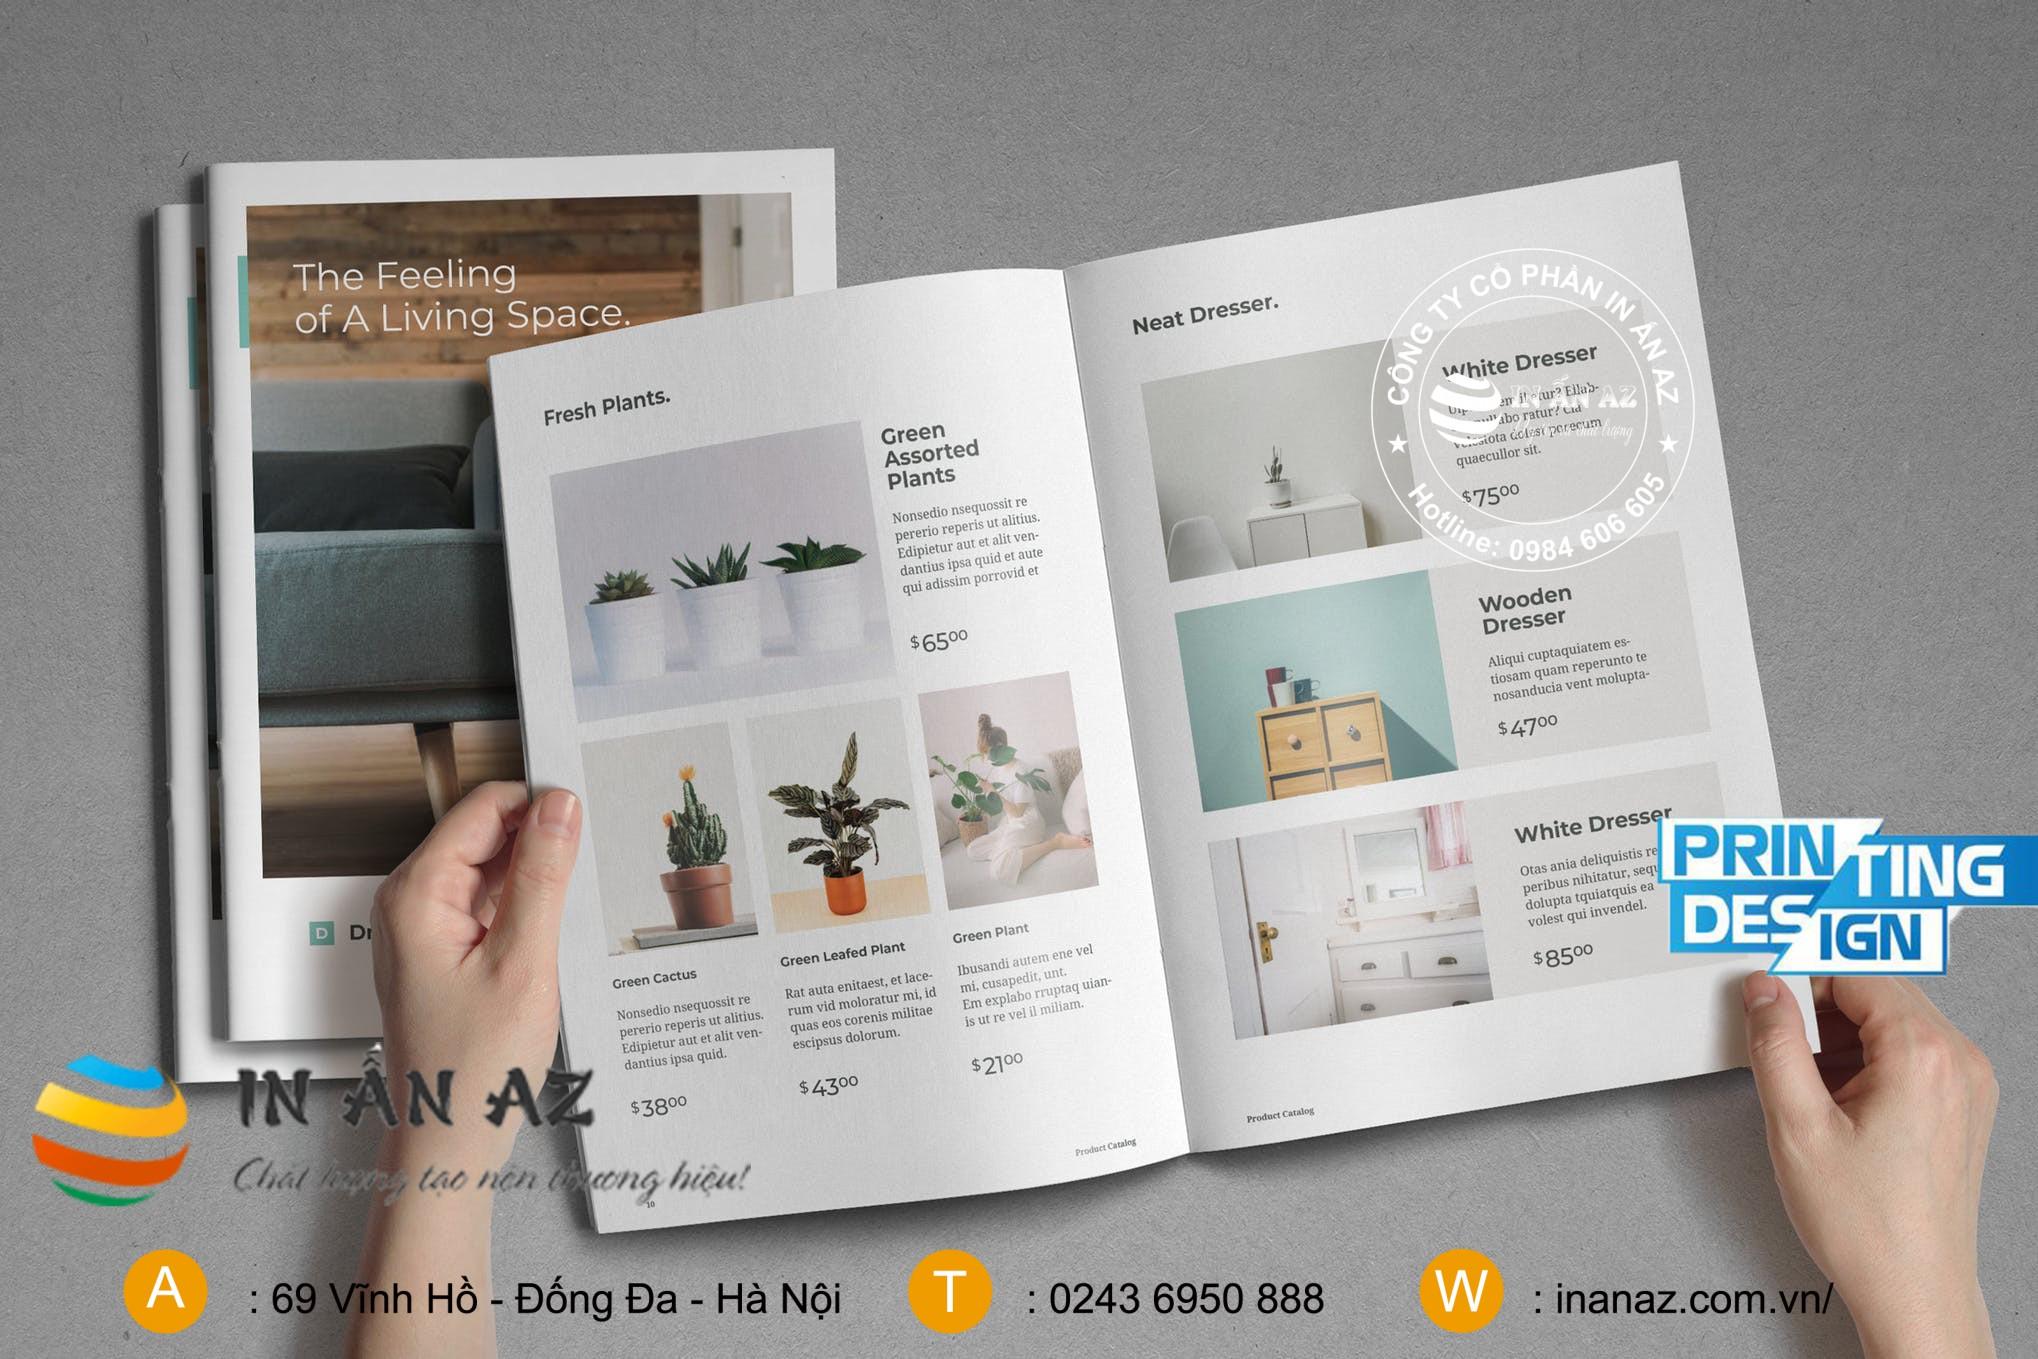 Mẫu catalogue những sản phẩm trang trí trong nhà